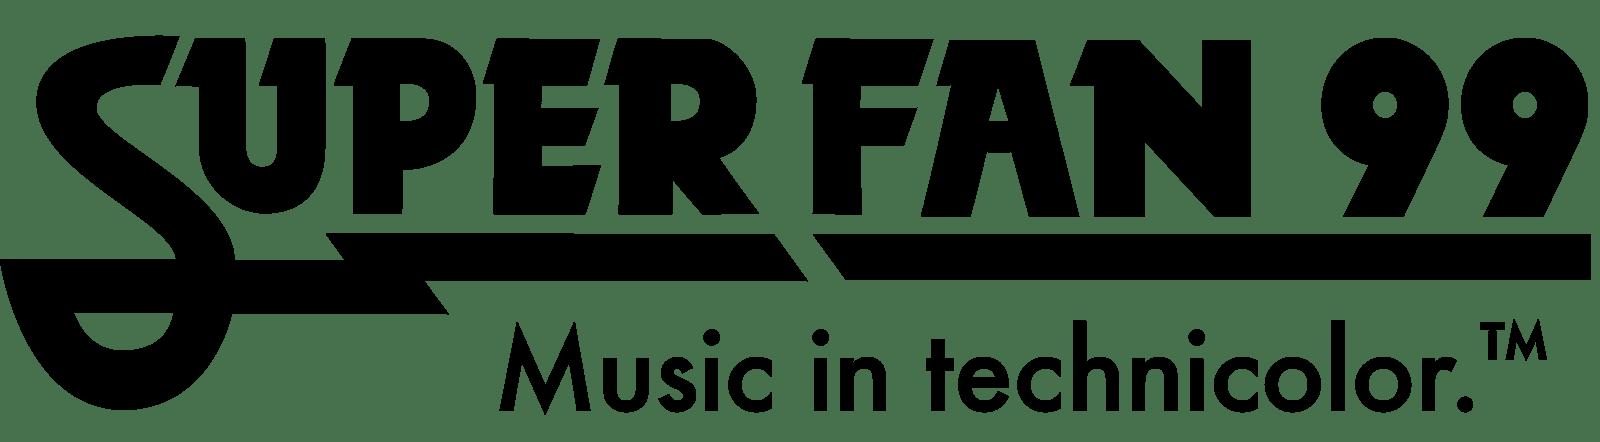 Super Fan 99